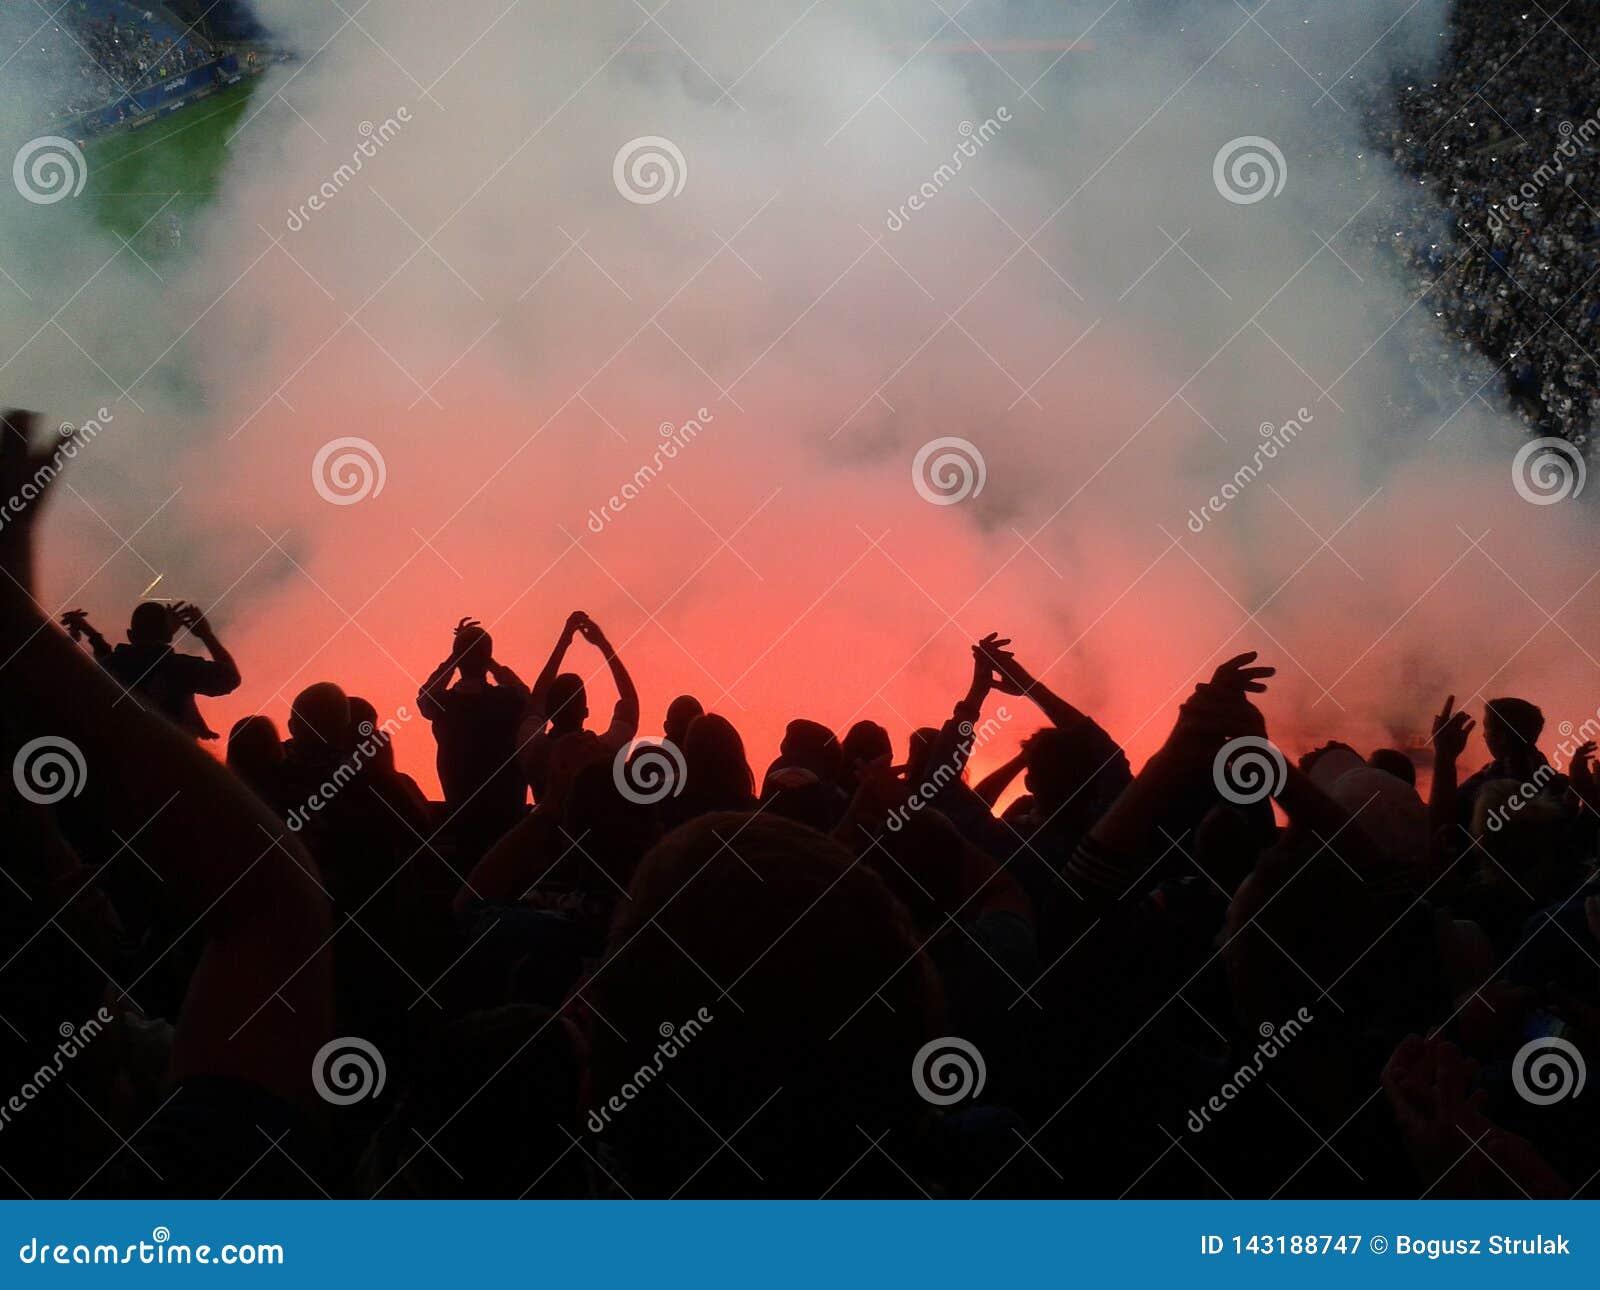 Fan piłki nożnej zaświecający w górę dymów raców i świateł rewolucja protest